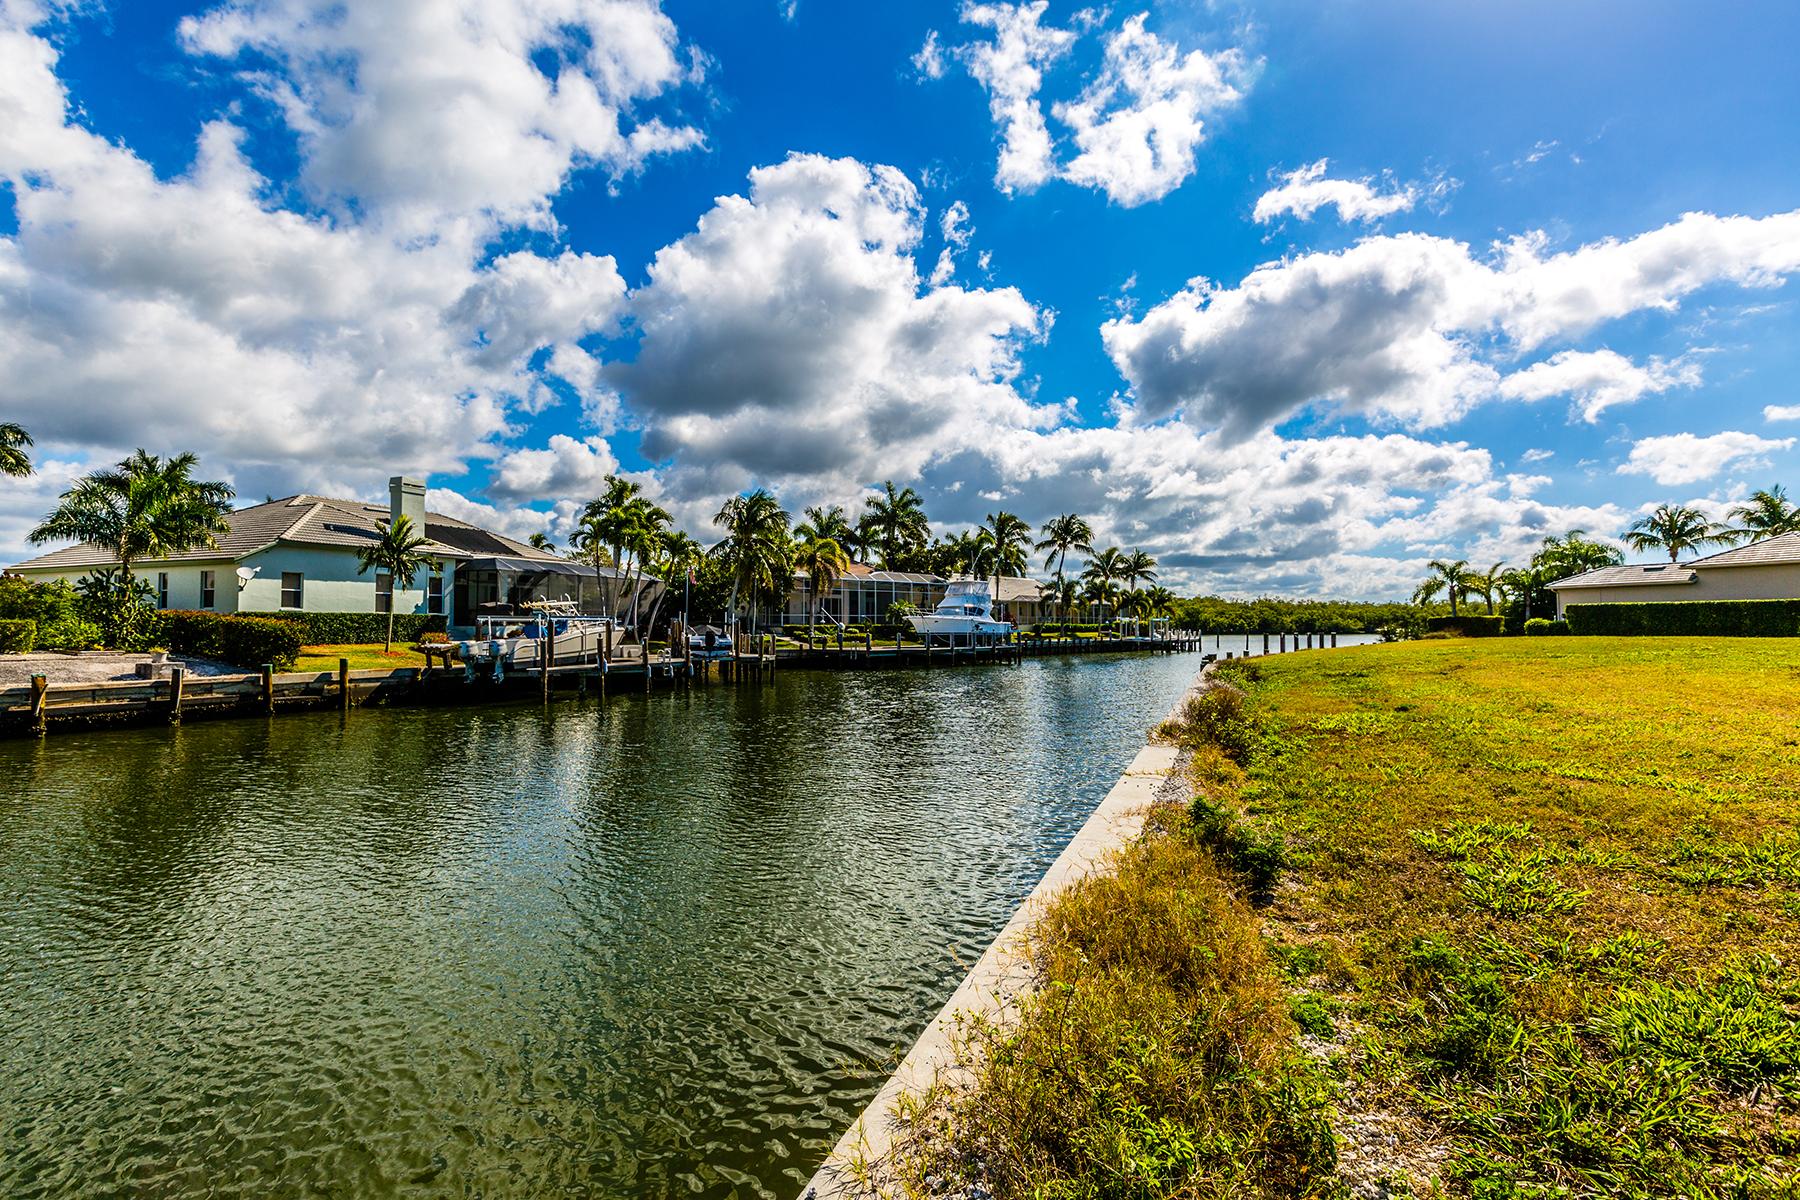 Terreno para Venda às MARCO ISLAND - HOLLYHOCK COURT 131 Hollyhock Ct Marco Island, Florida, 34145 Estados Unidos